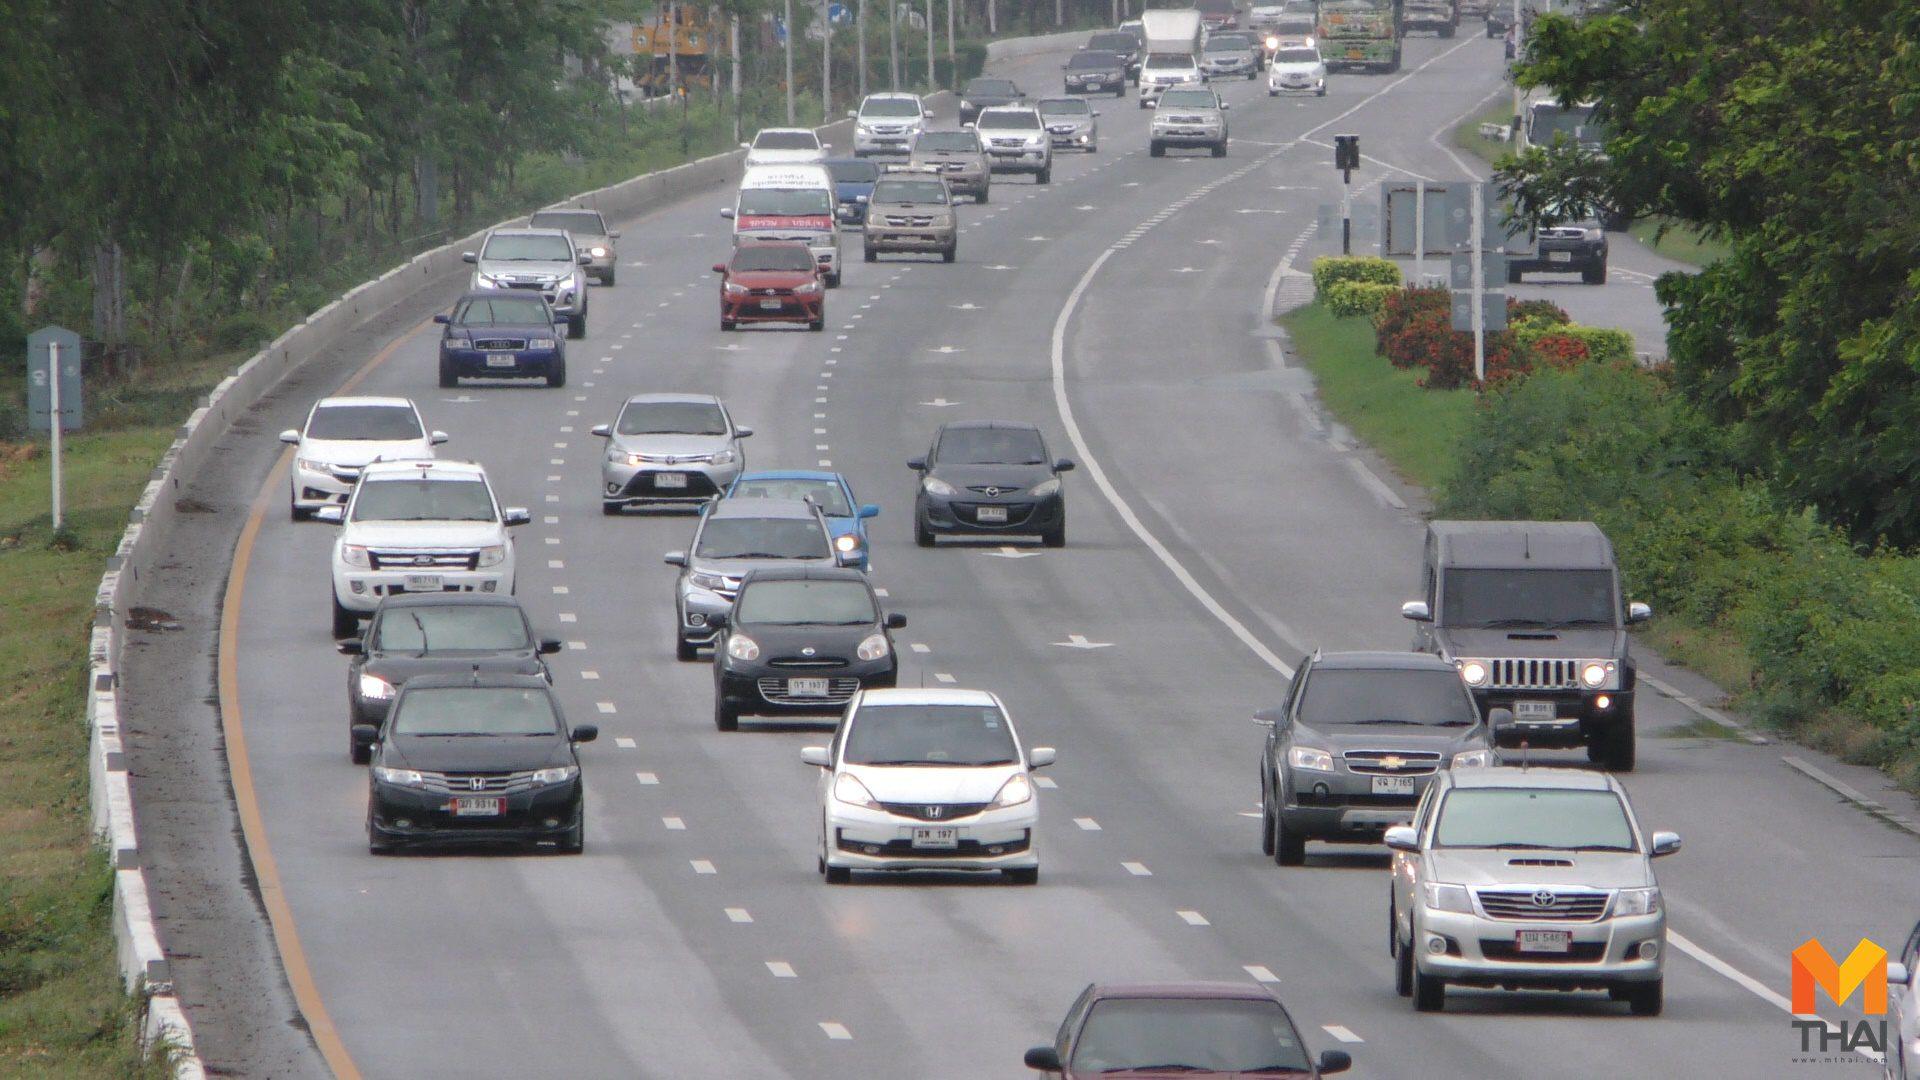 เปิดให้ลงทะเบียน จองคิวทำใบขับขี่ใหม่ ผู้ไม่เคยมีใบขับขี่มาก่อน ผ่านแอปฯ